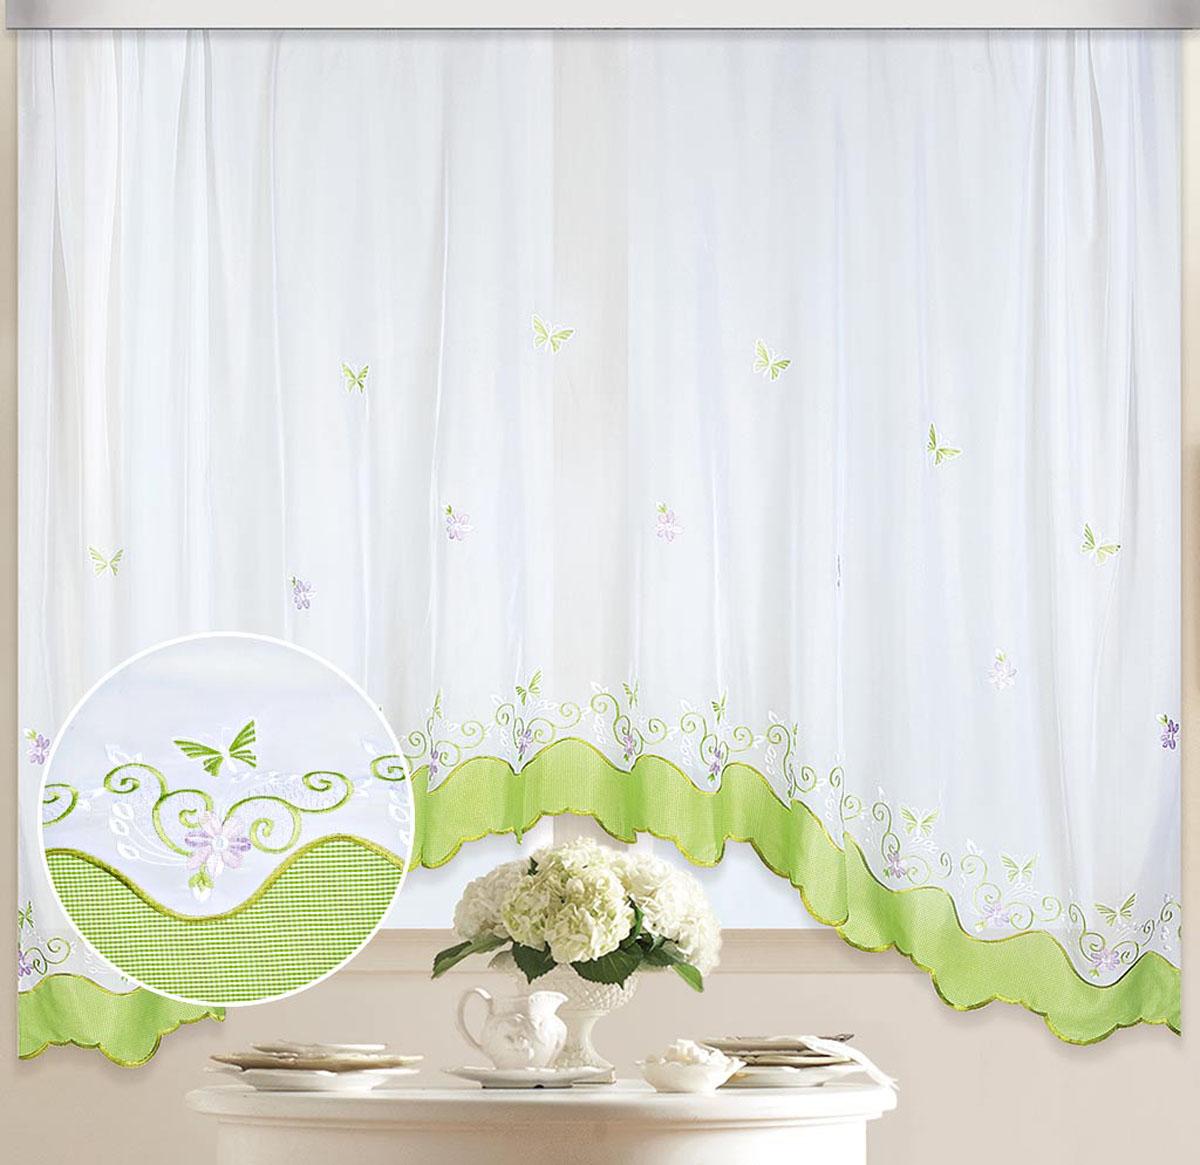 Штора Арка. Бабочка, на ленте, цвет: белый, салатовый, высота 170 см80117Вуалевое полотно с вышивкой. Стирка не более 30 градусов